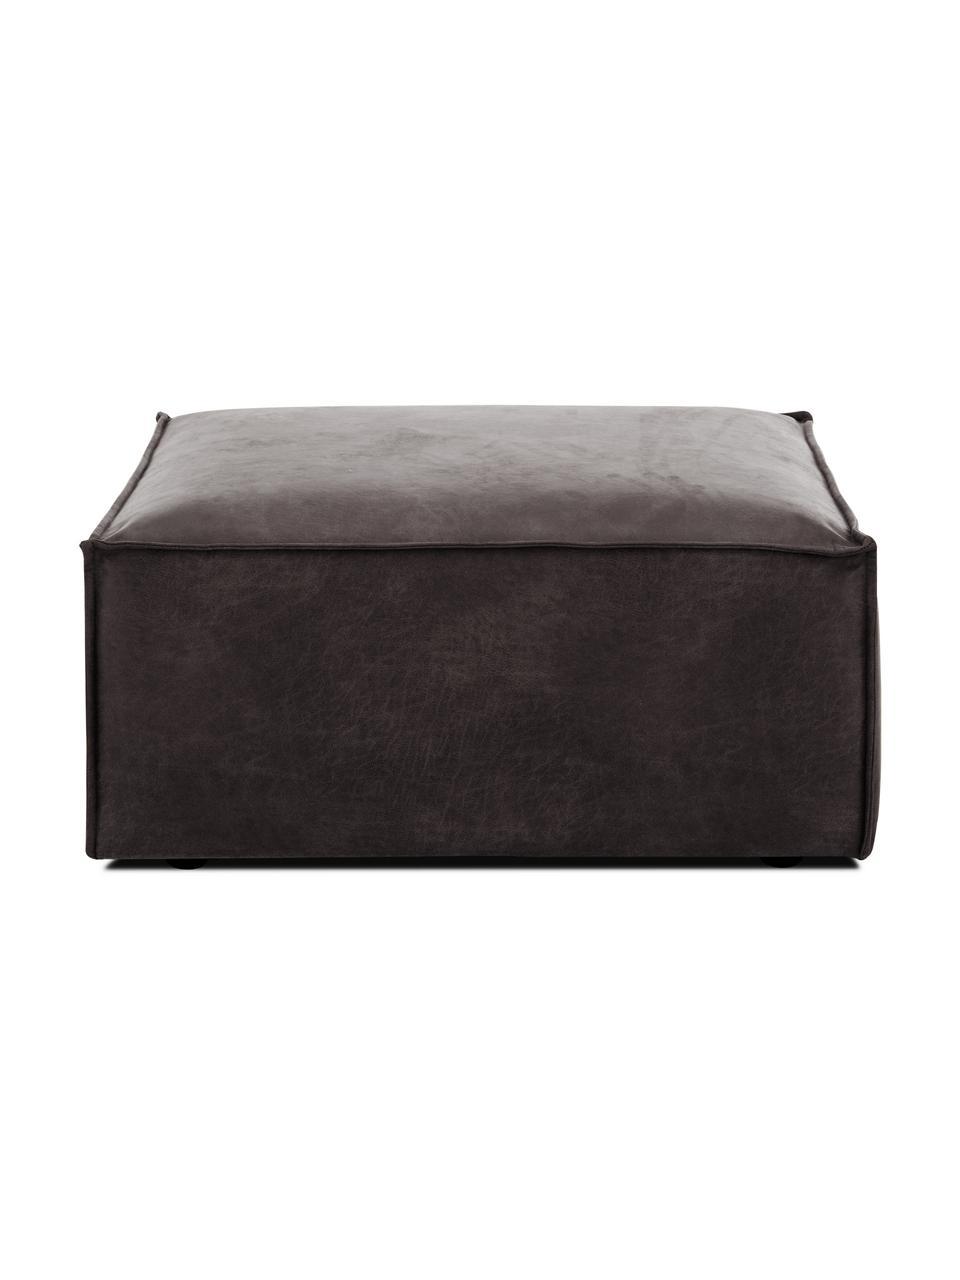 Poggiapiedi da divano in pelle riciclata Lennon, Rivestimento: pelle riciclata (70% pell, Struttura: legno di pino massiccio, , Piedini: plastica I piedini si tro, Pelle grigio-marrone, Larg. 88 x Alt. 43 cm